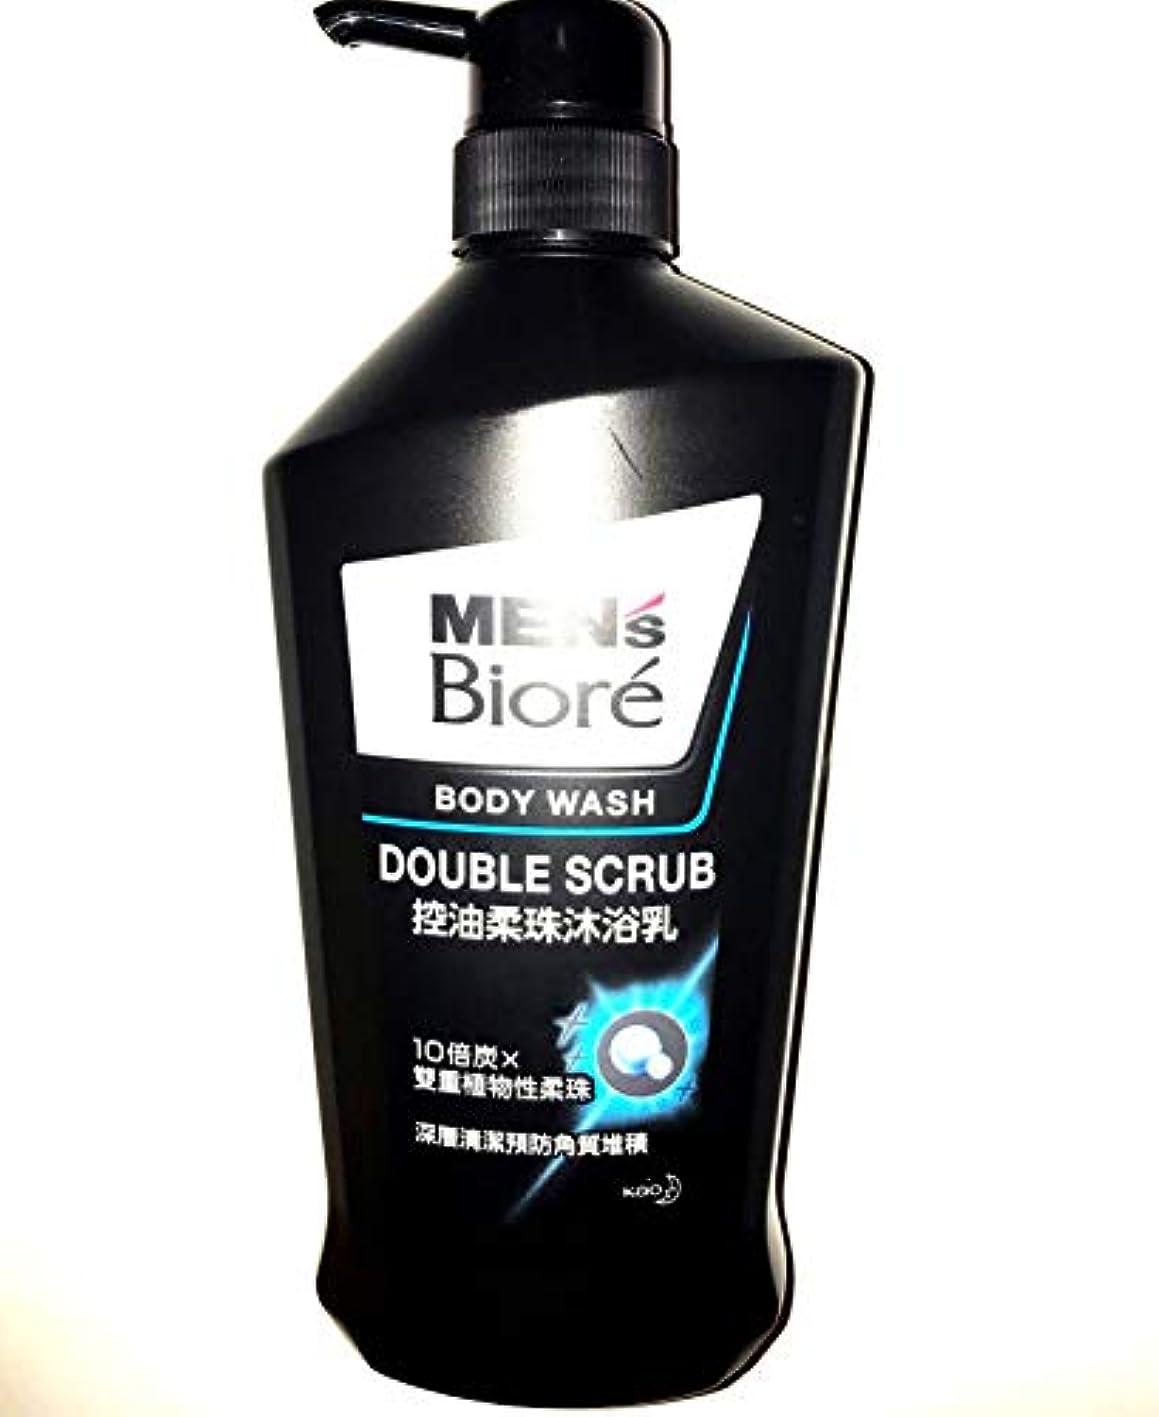 レベル平均文字通りMEN's Biore メンズビオレ ダブルスクラブボディウォッシュ 750ml